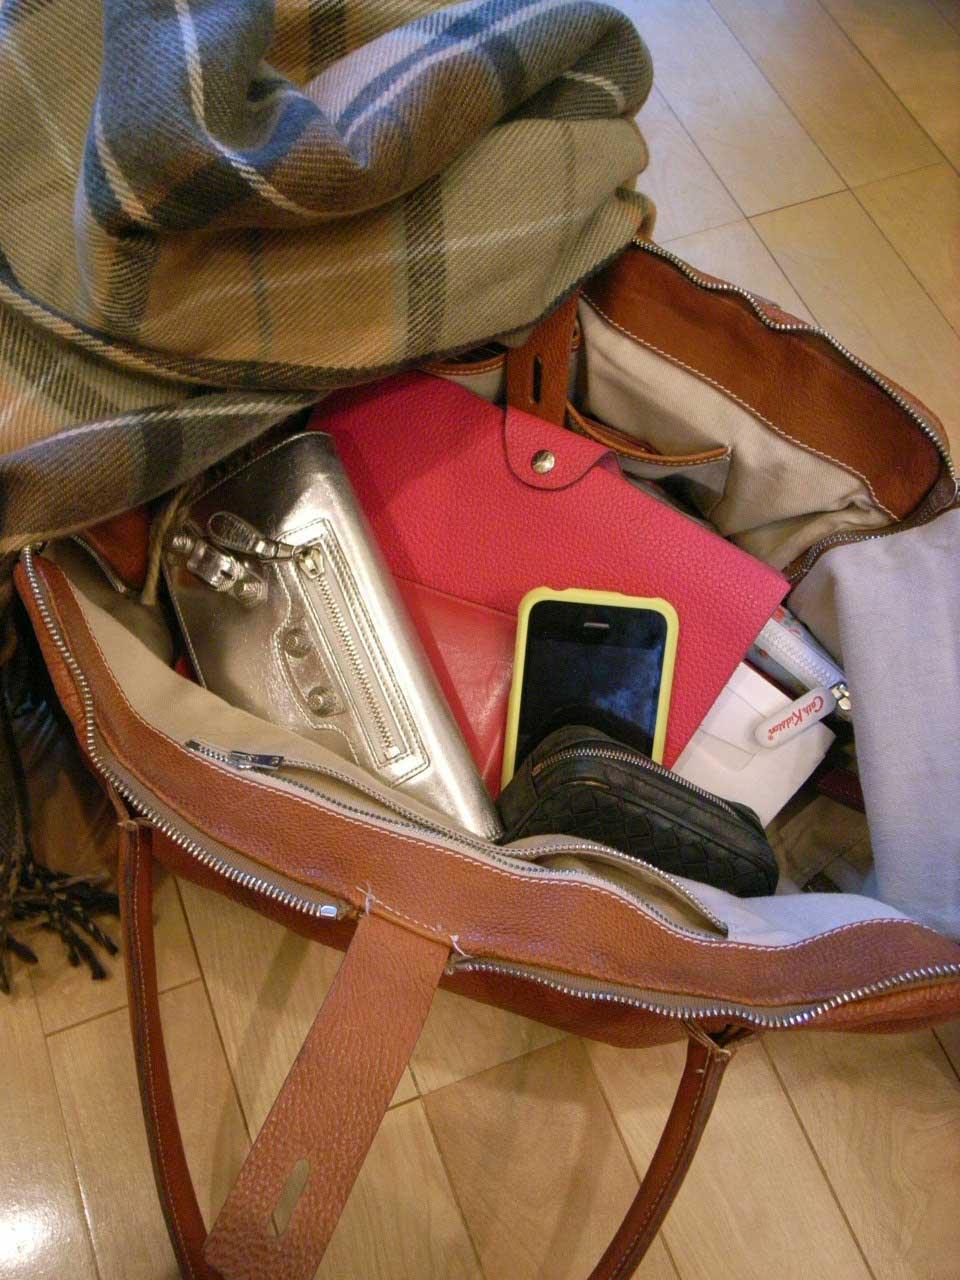 http://aloharag.weblogs.jp/.a/6a0120a679eaf2970b012875a63e44970c-pi